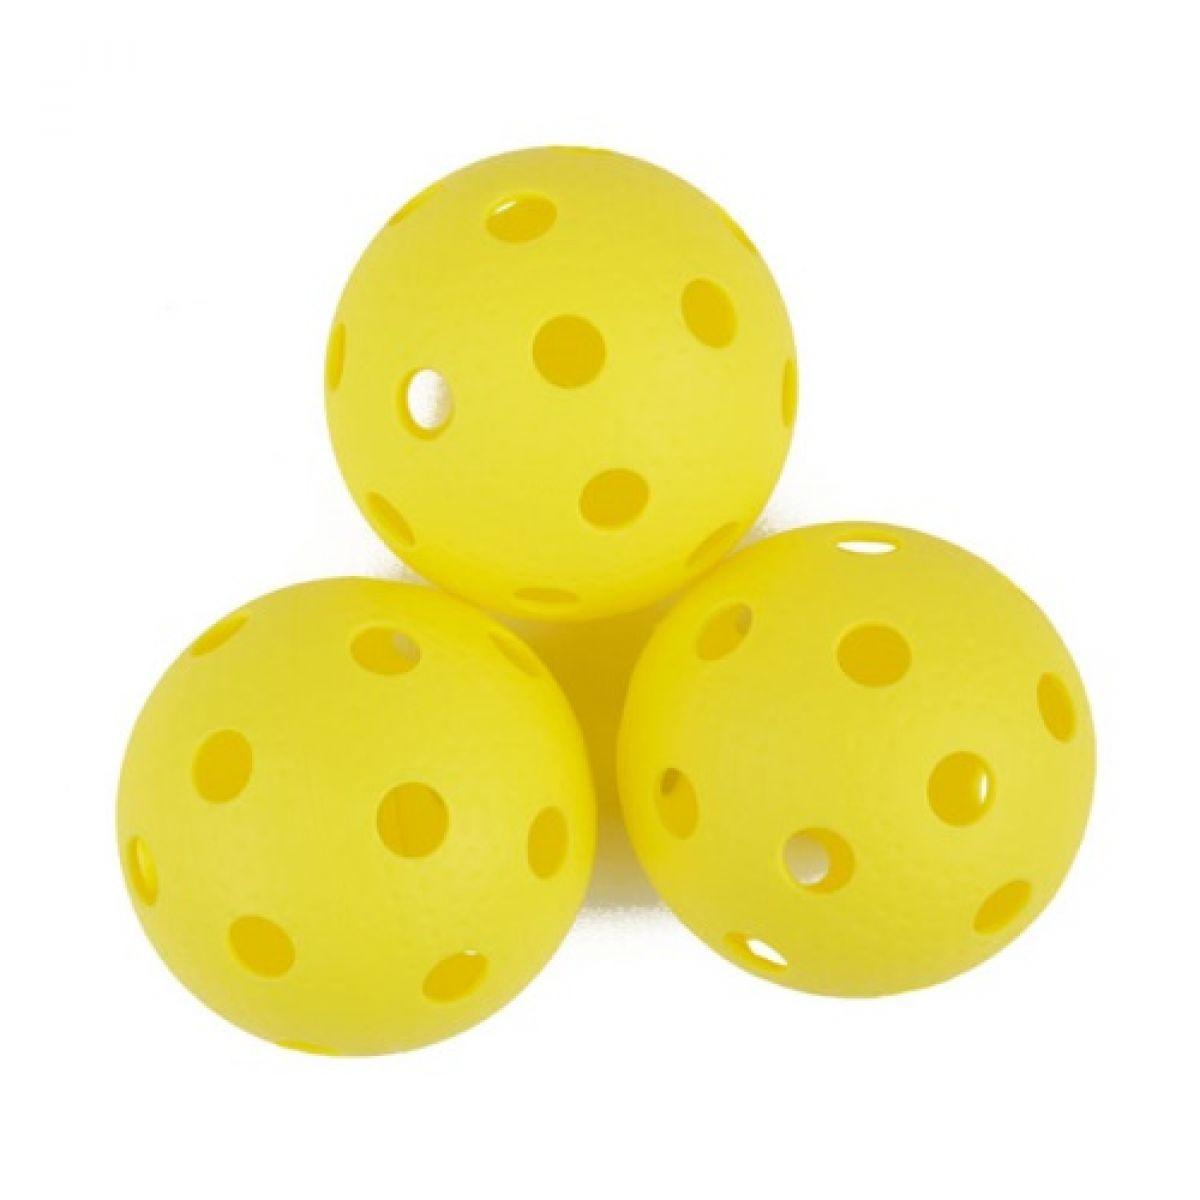 Spokey Turn Florbalové loptičky 3 ks žlté